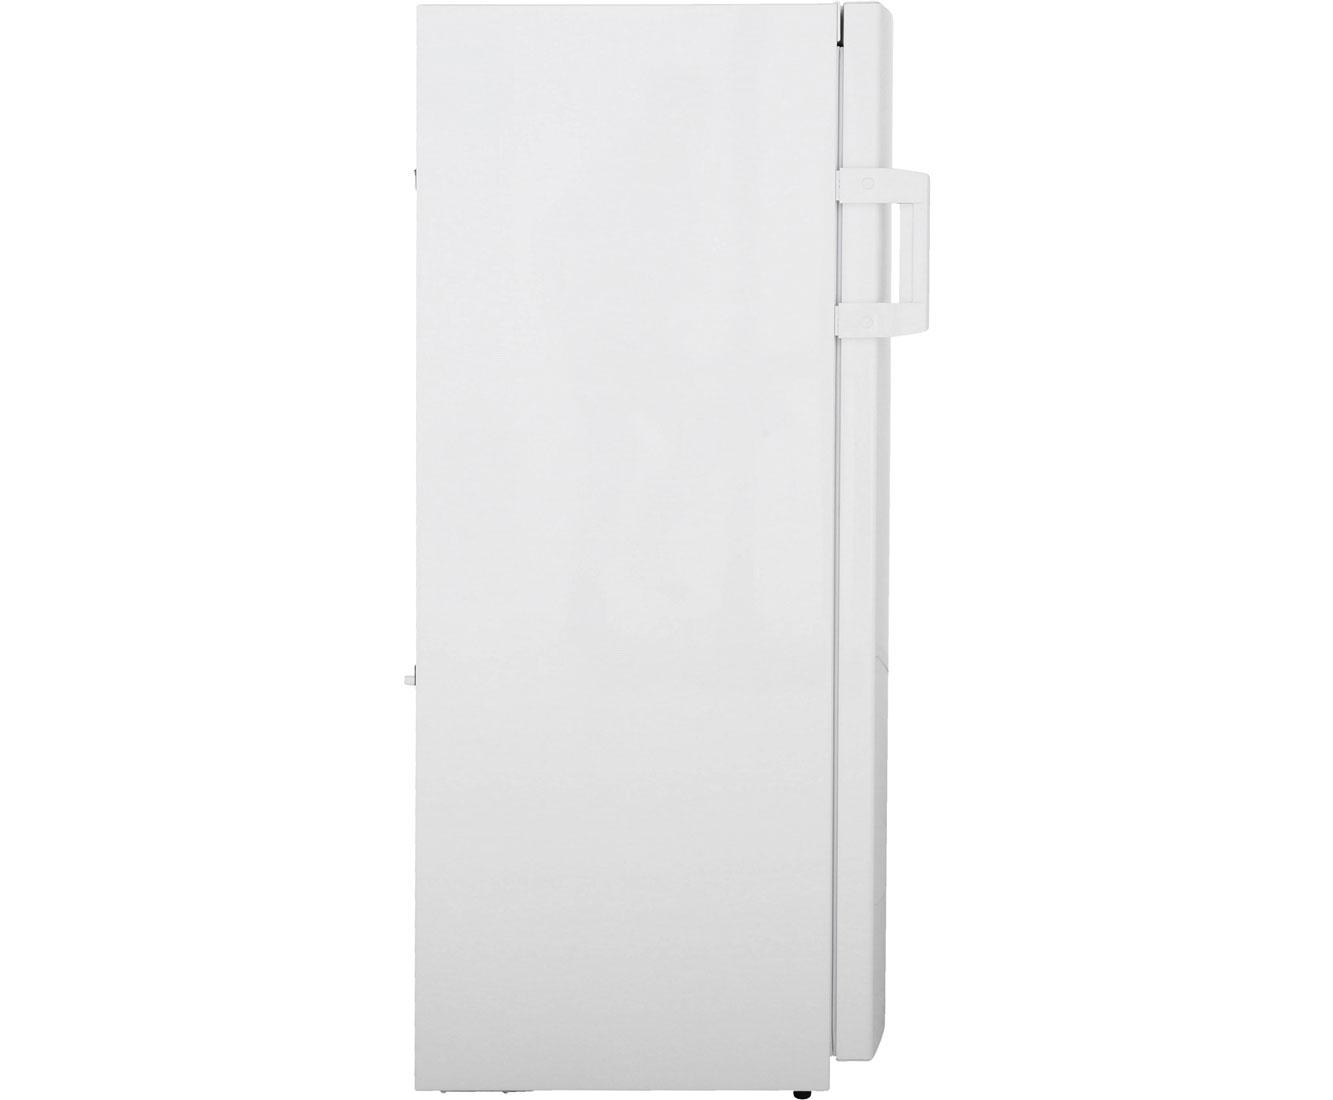 Gorenje F6152AW Gefrierschrank 206 l, Weiß, A++